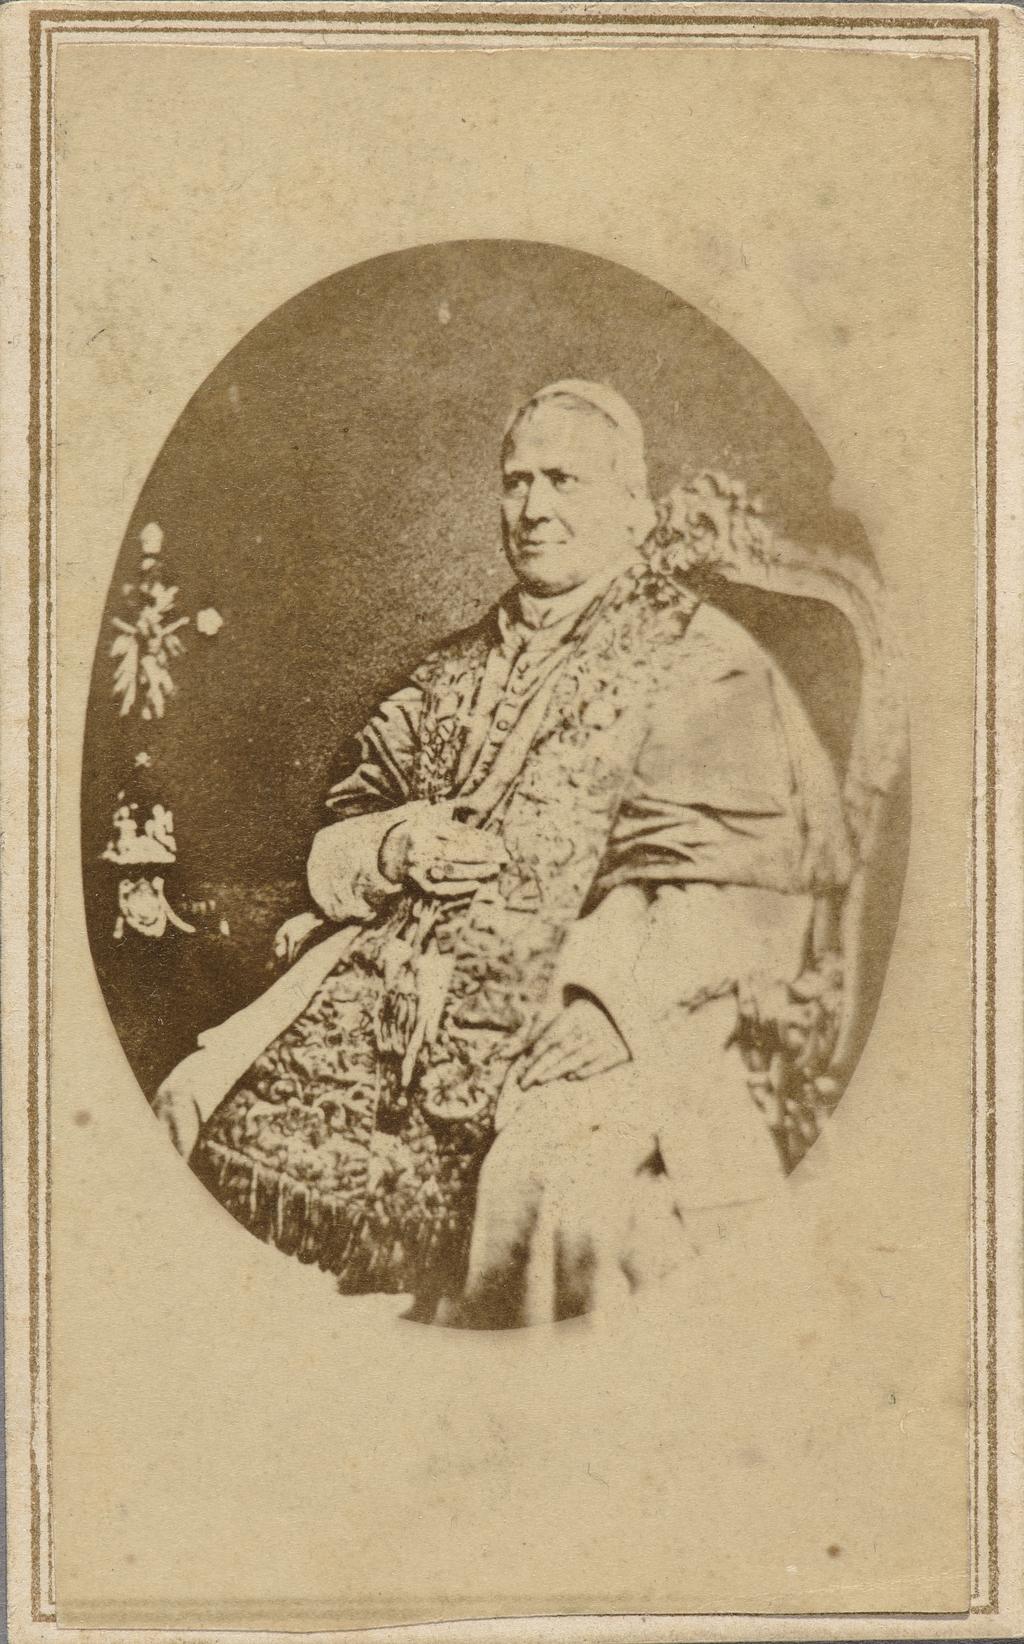 Le Pape Pie IX. Photographie d'une photographie, de l'album de collection dit de Napoléon Garneau